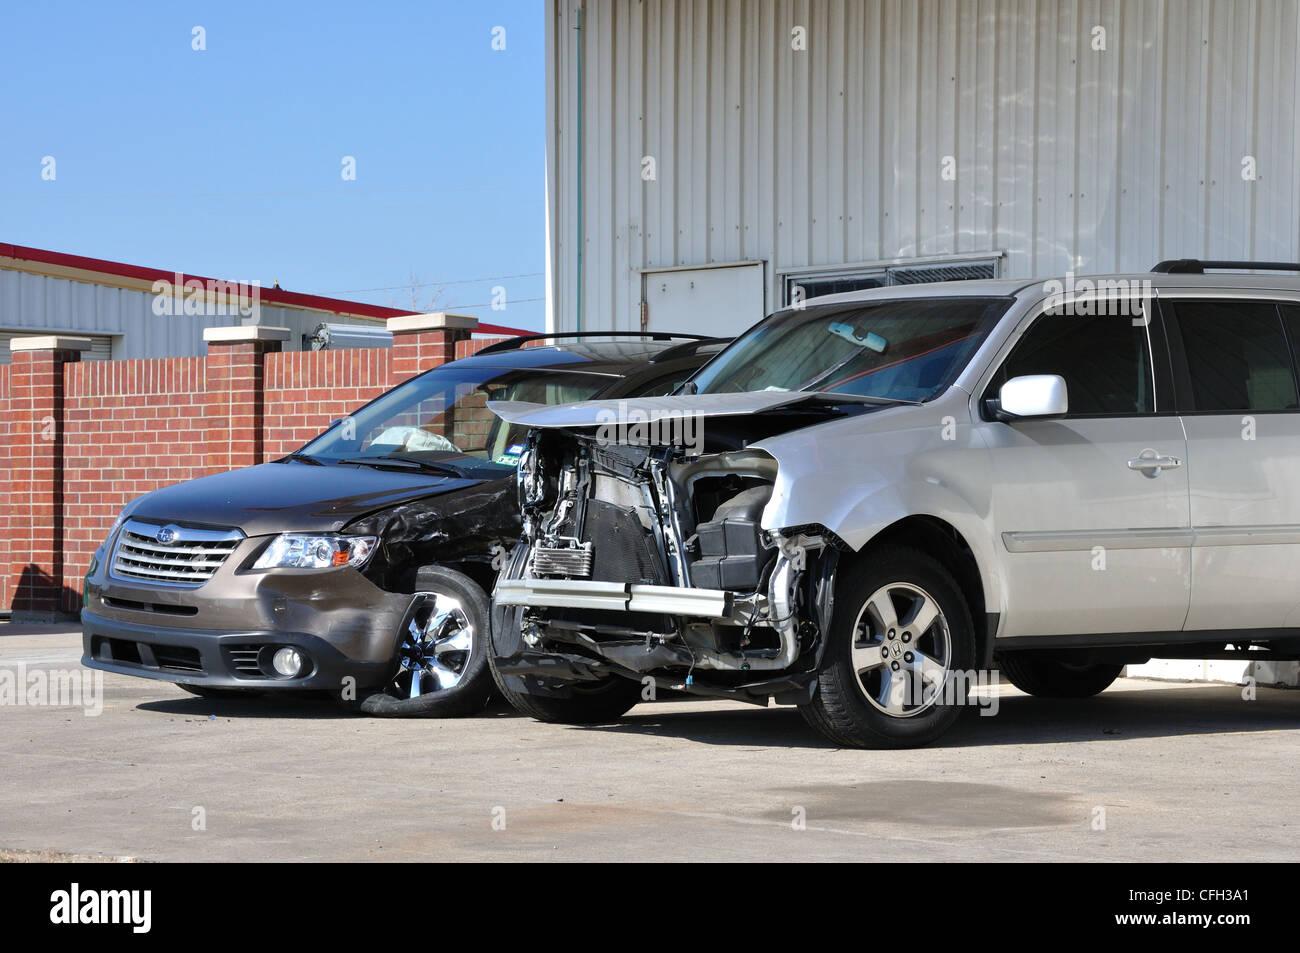 Collision Repair Center >> Collision Repair Center Damaged Cars Stock Photo 44016393